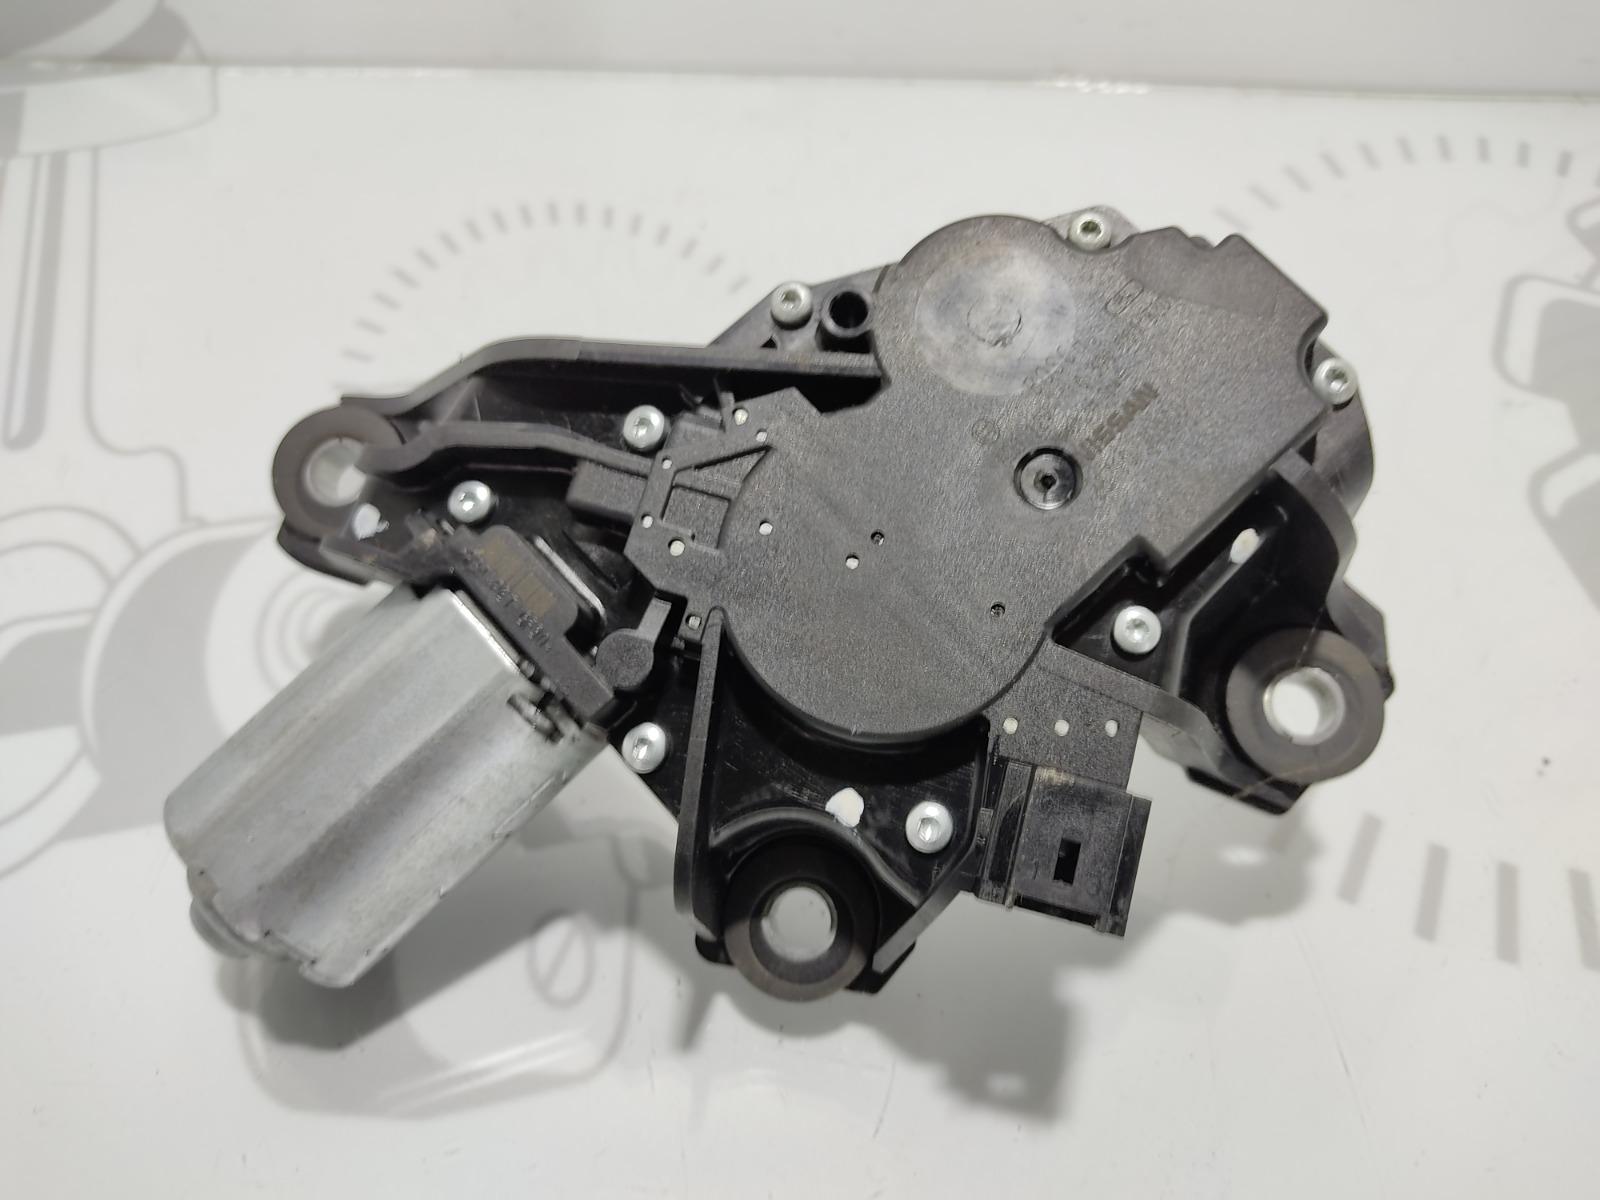 Моторчик заднего стеклоочистителя (дворника) Nissan Qashqai 1.5 DCI 2007 (б/у)